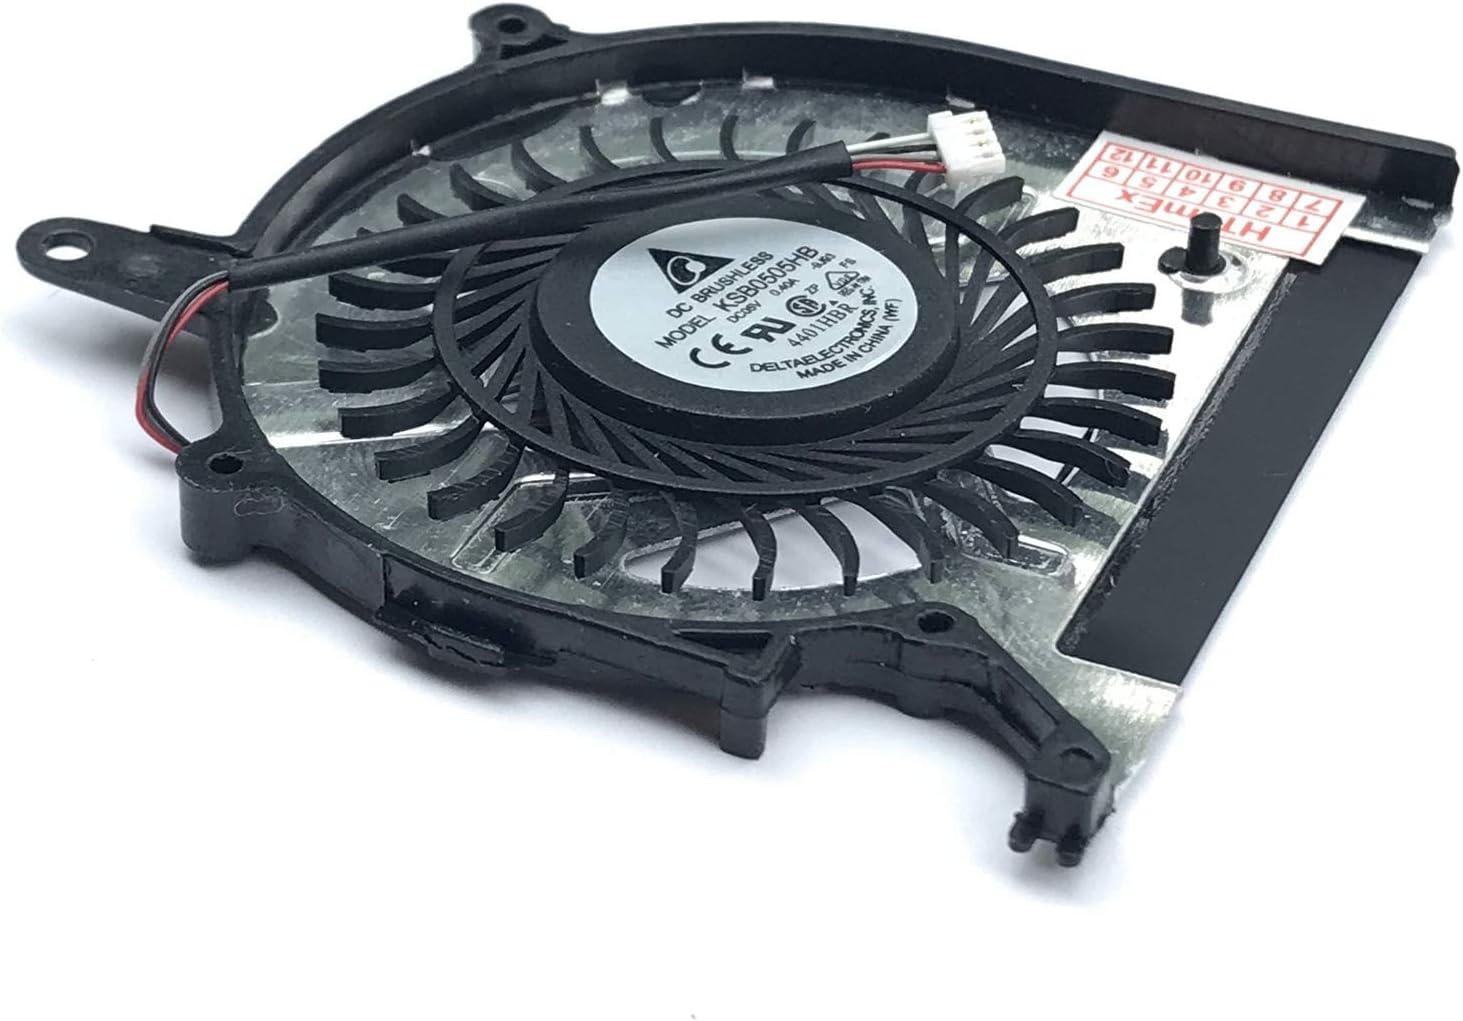 SVP1321X9EB SVP1321L1EBI.G4 SVP1321S1EB SVP1322V9E SVP1321Z9EB.G4 SVP1321Y9EB SVP132A2CM Fan Compatible for Sony Vaio SVP1321C5E2 SVP1321J1EB